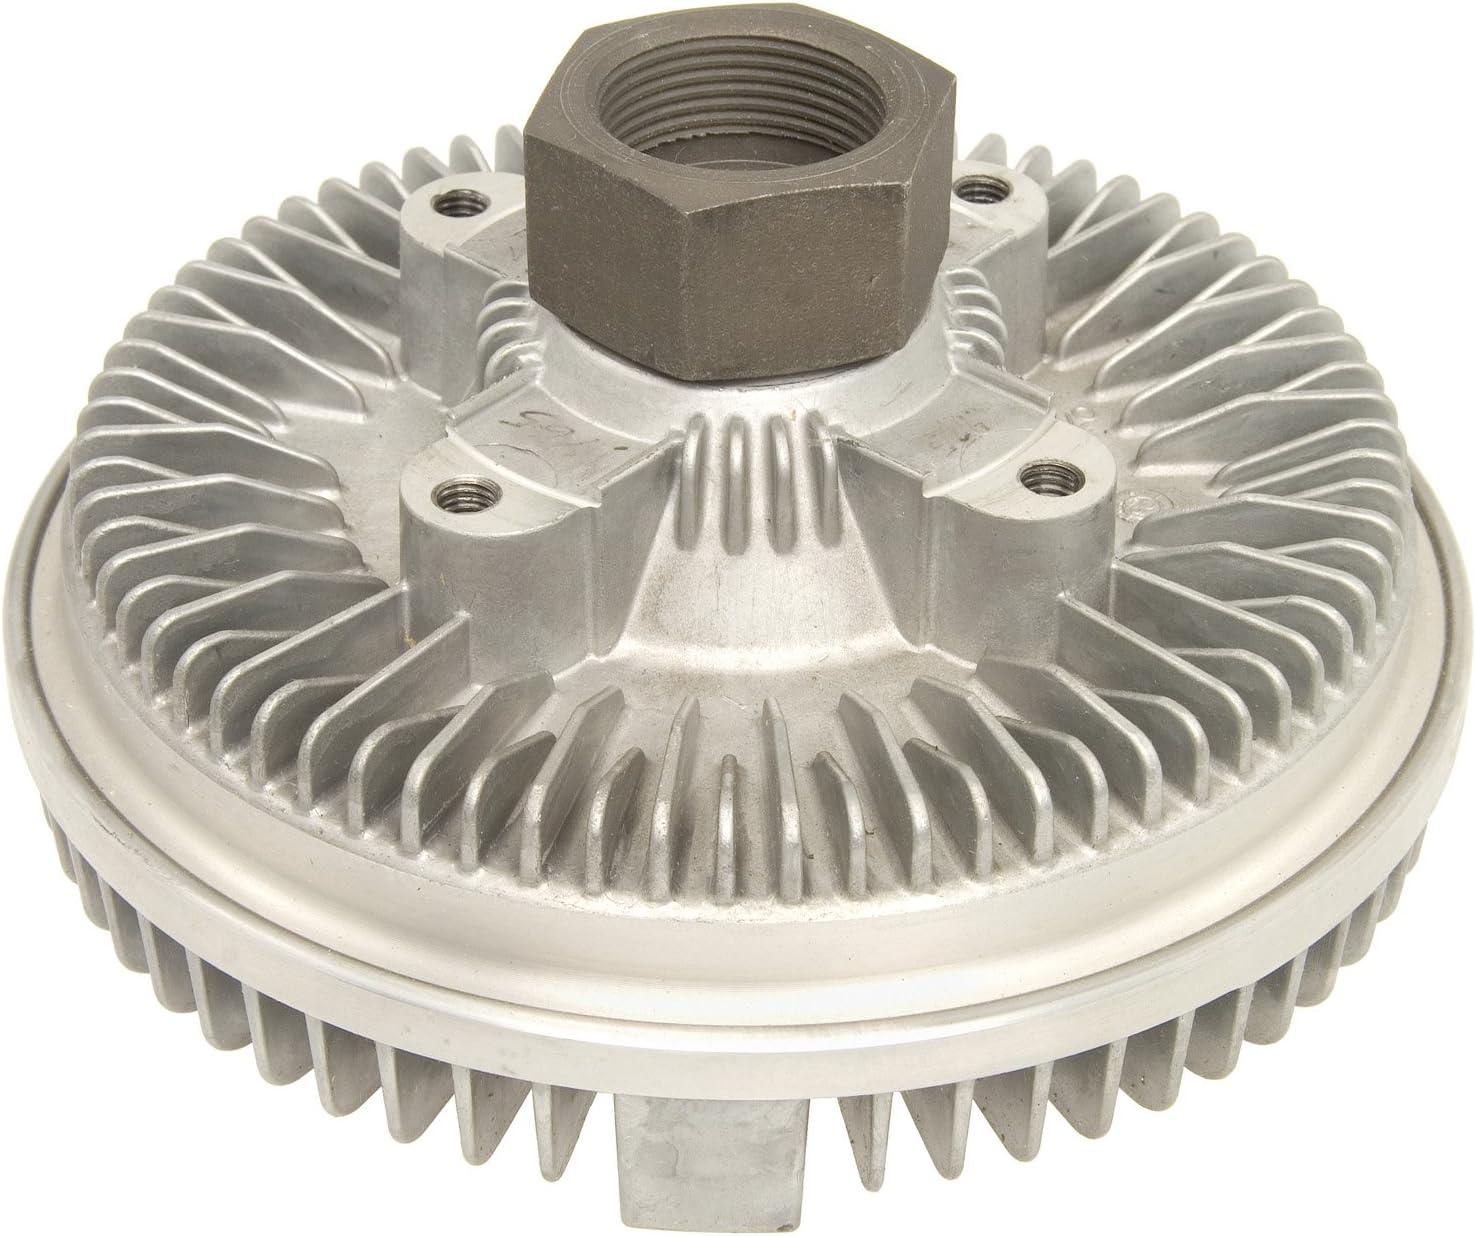 Engine Cooling Fan Clutch Hayden 2850